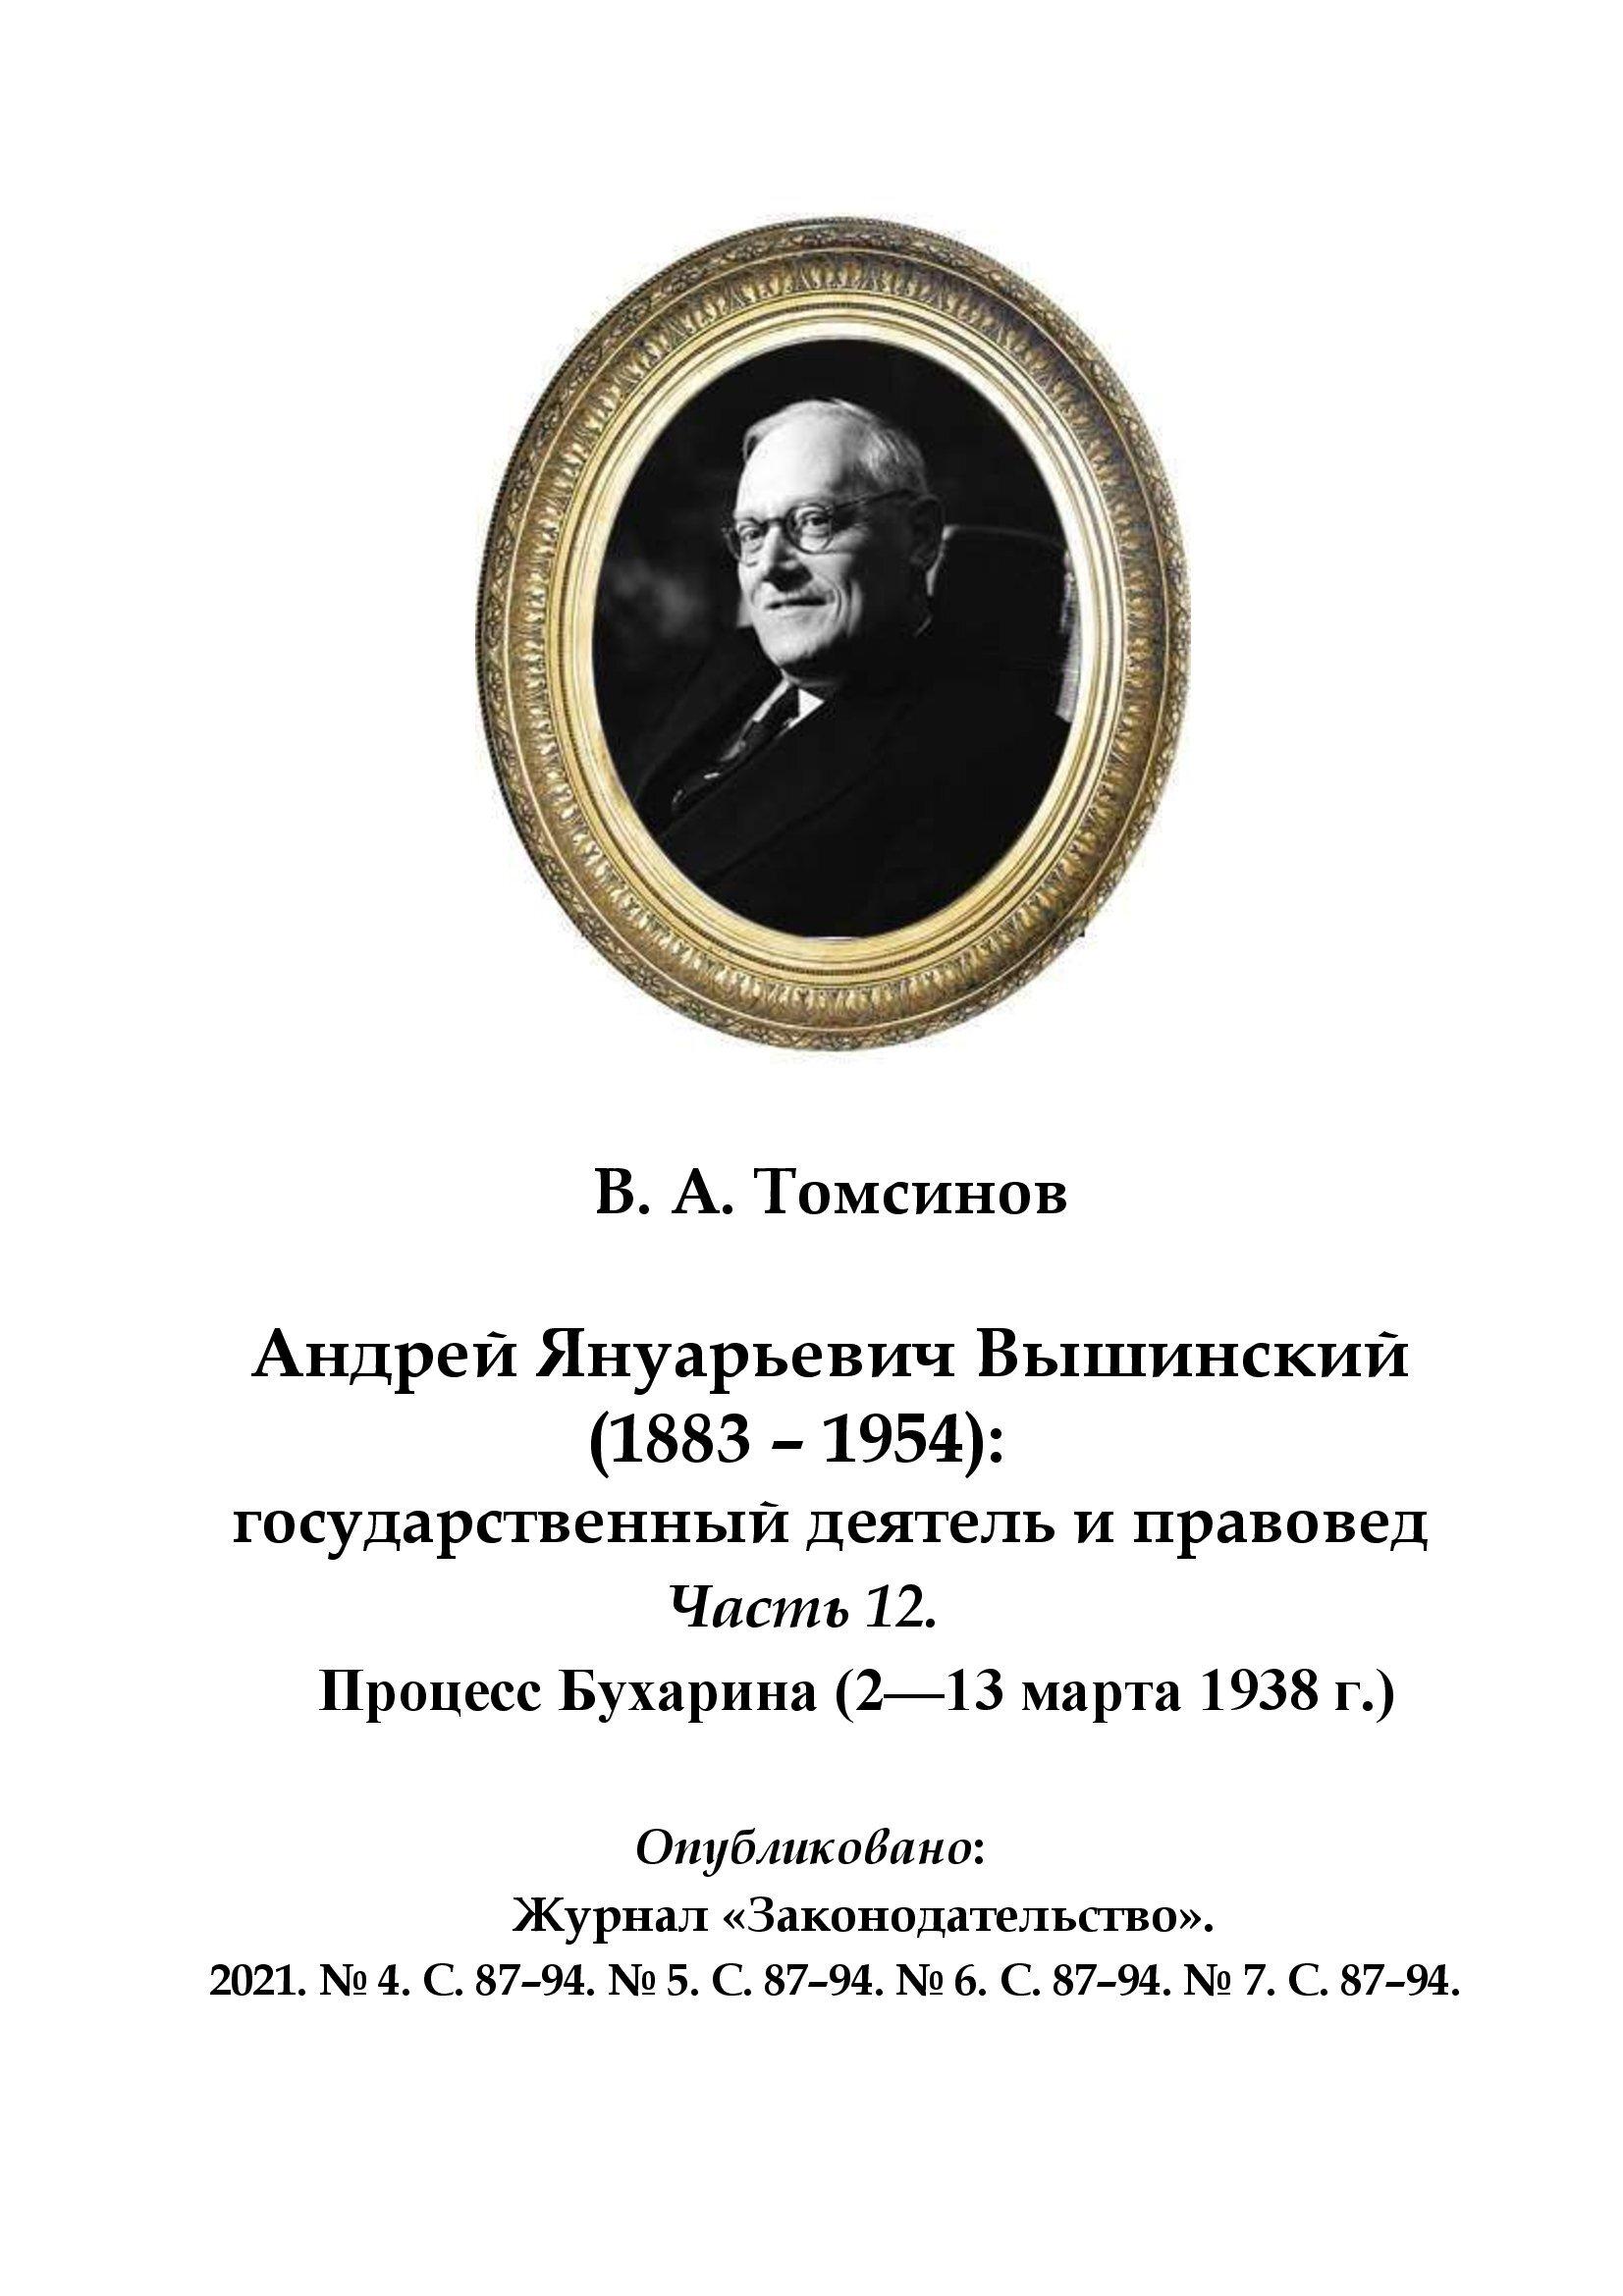 Томсинов В.А. Вышинский. Часть 12